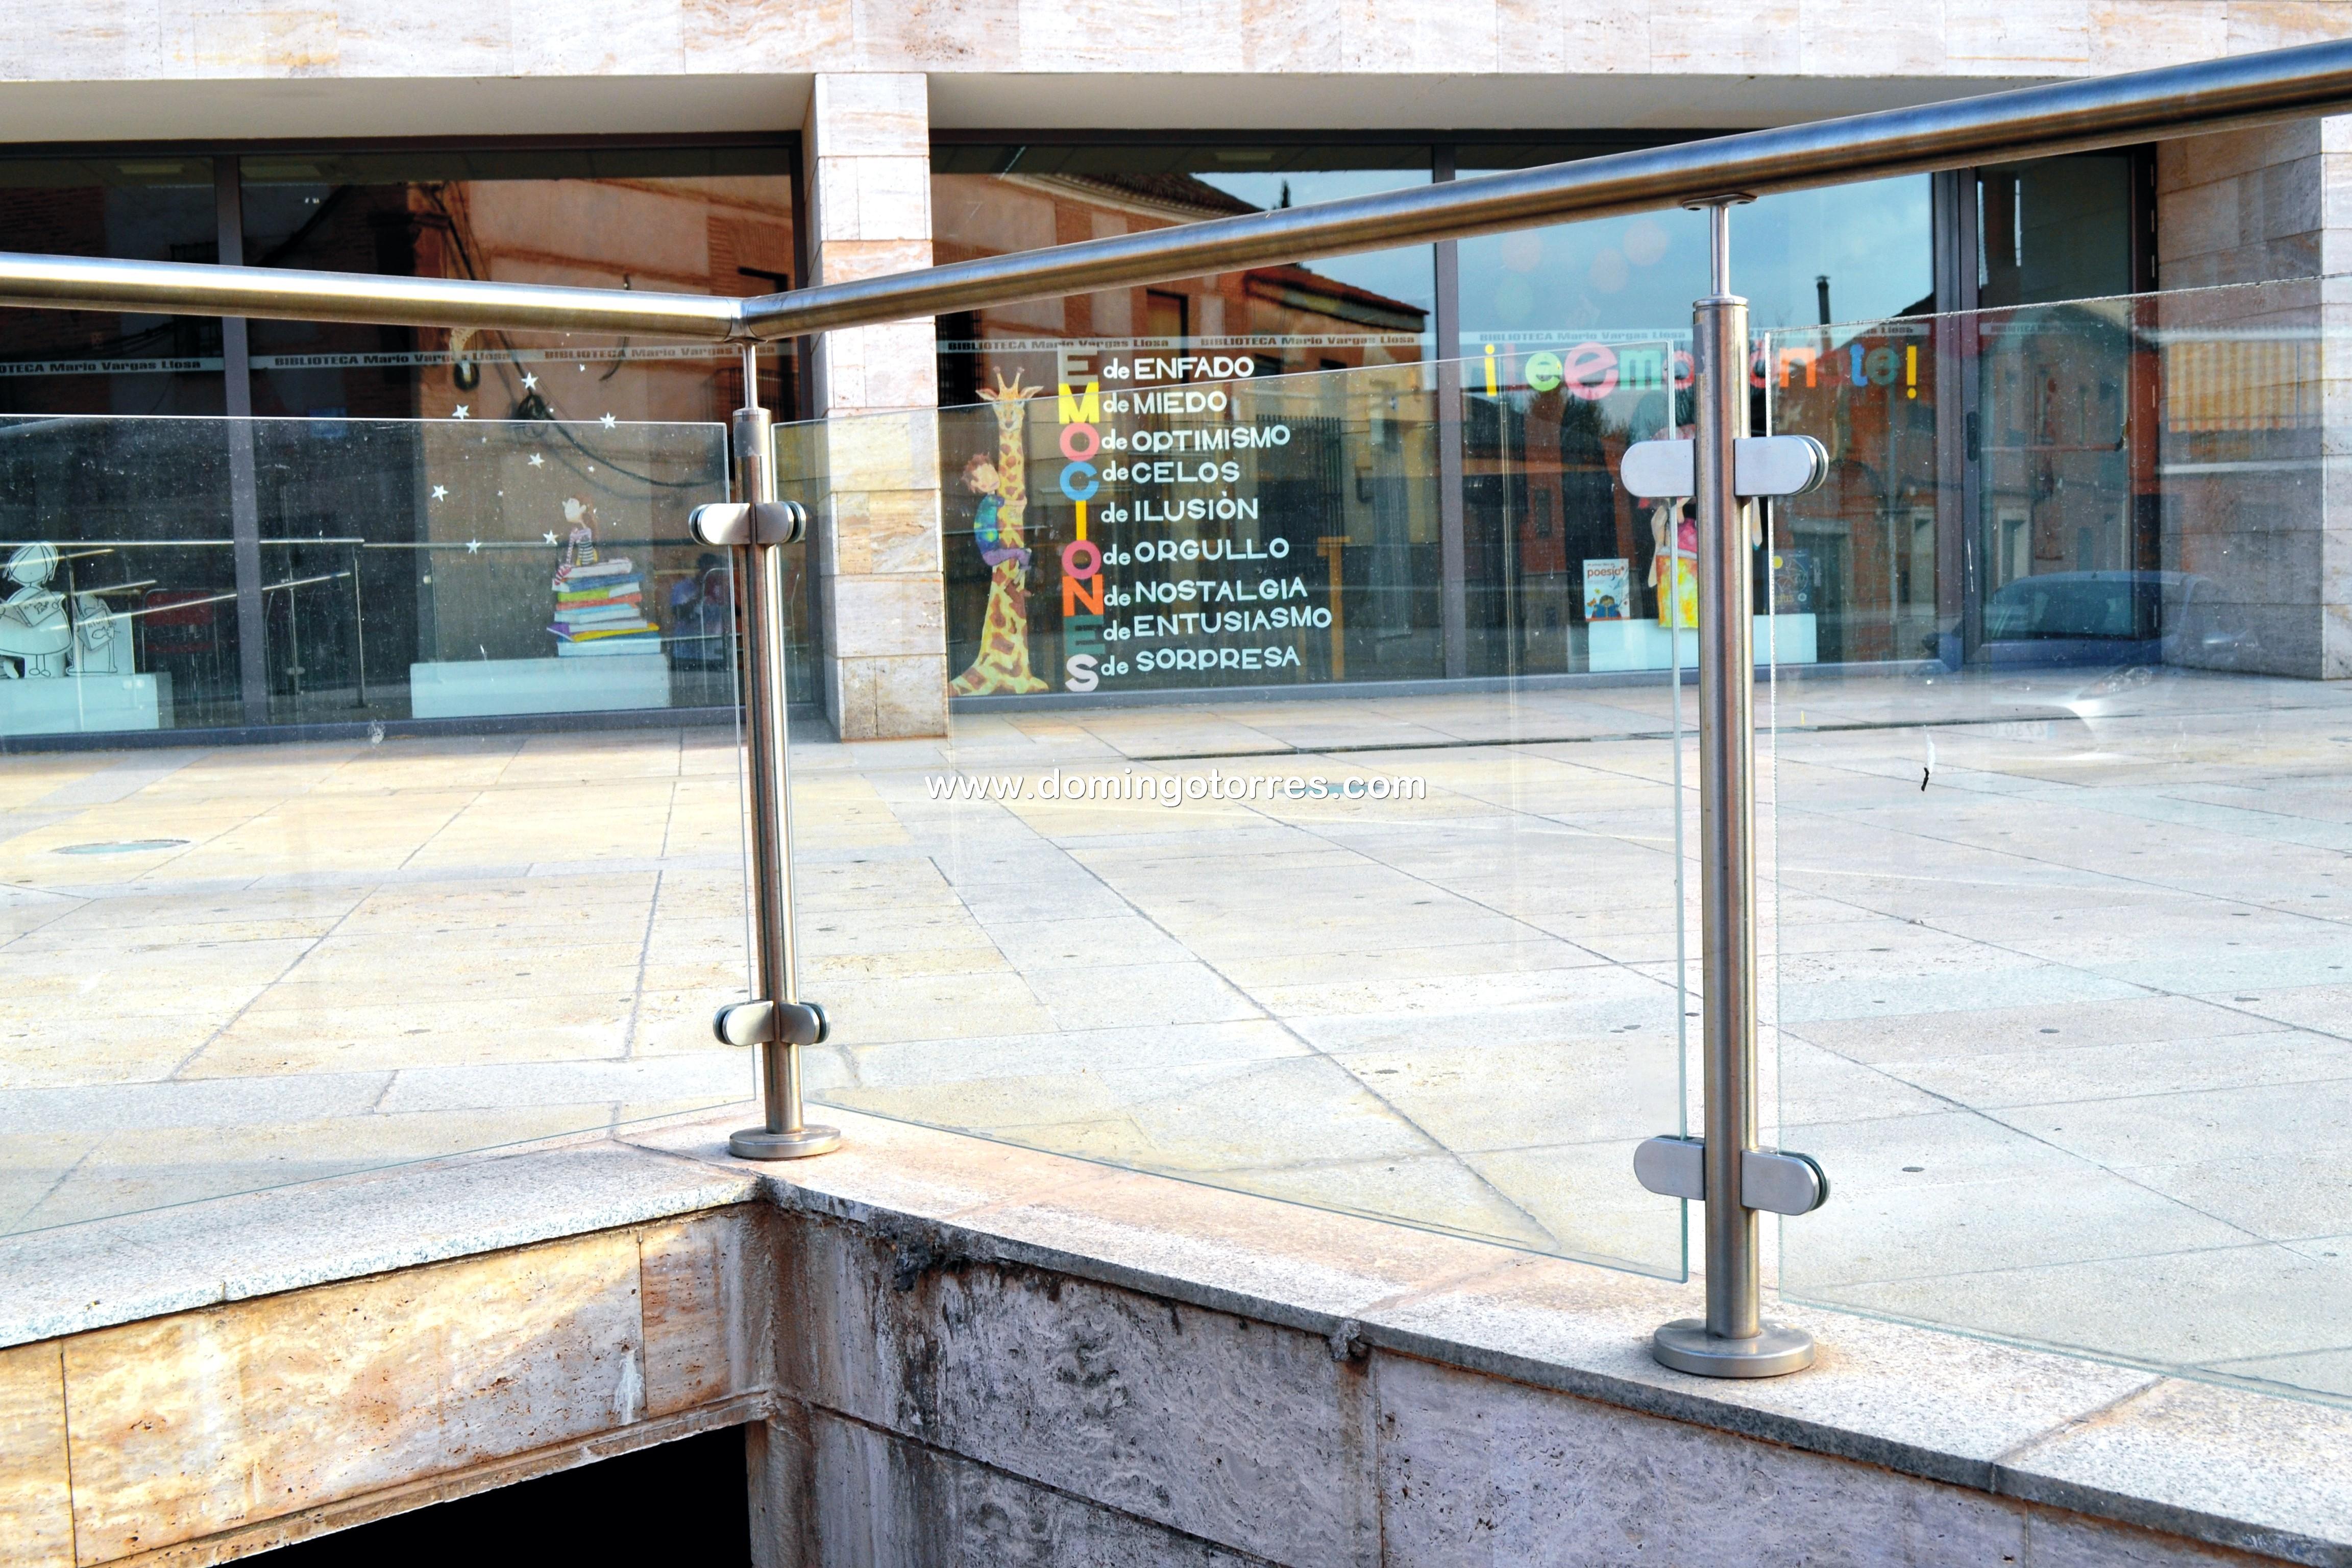 Nº8424 Barandilla exterior de acero inoxidable con vidrio